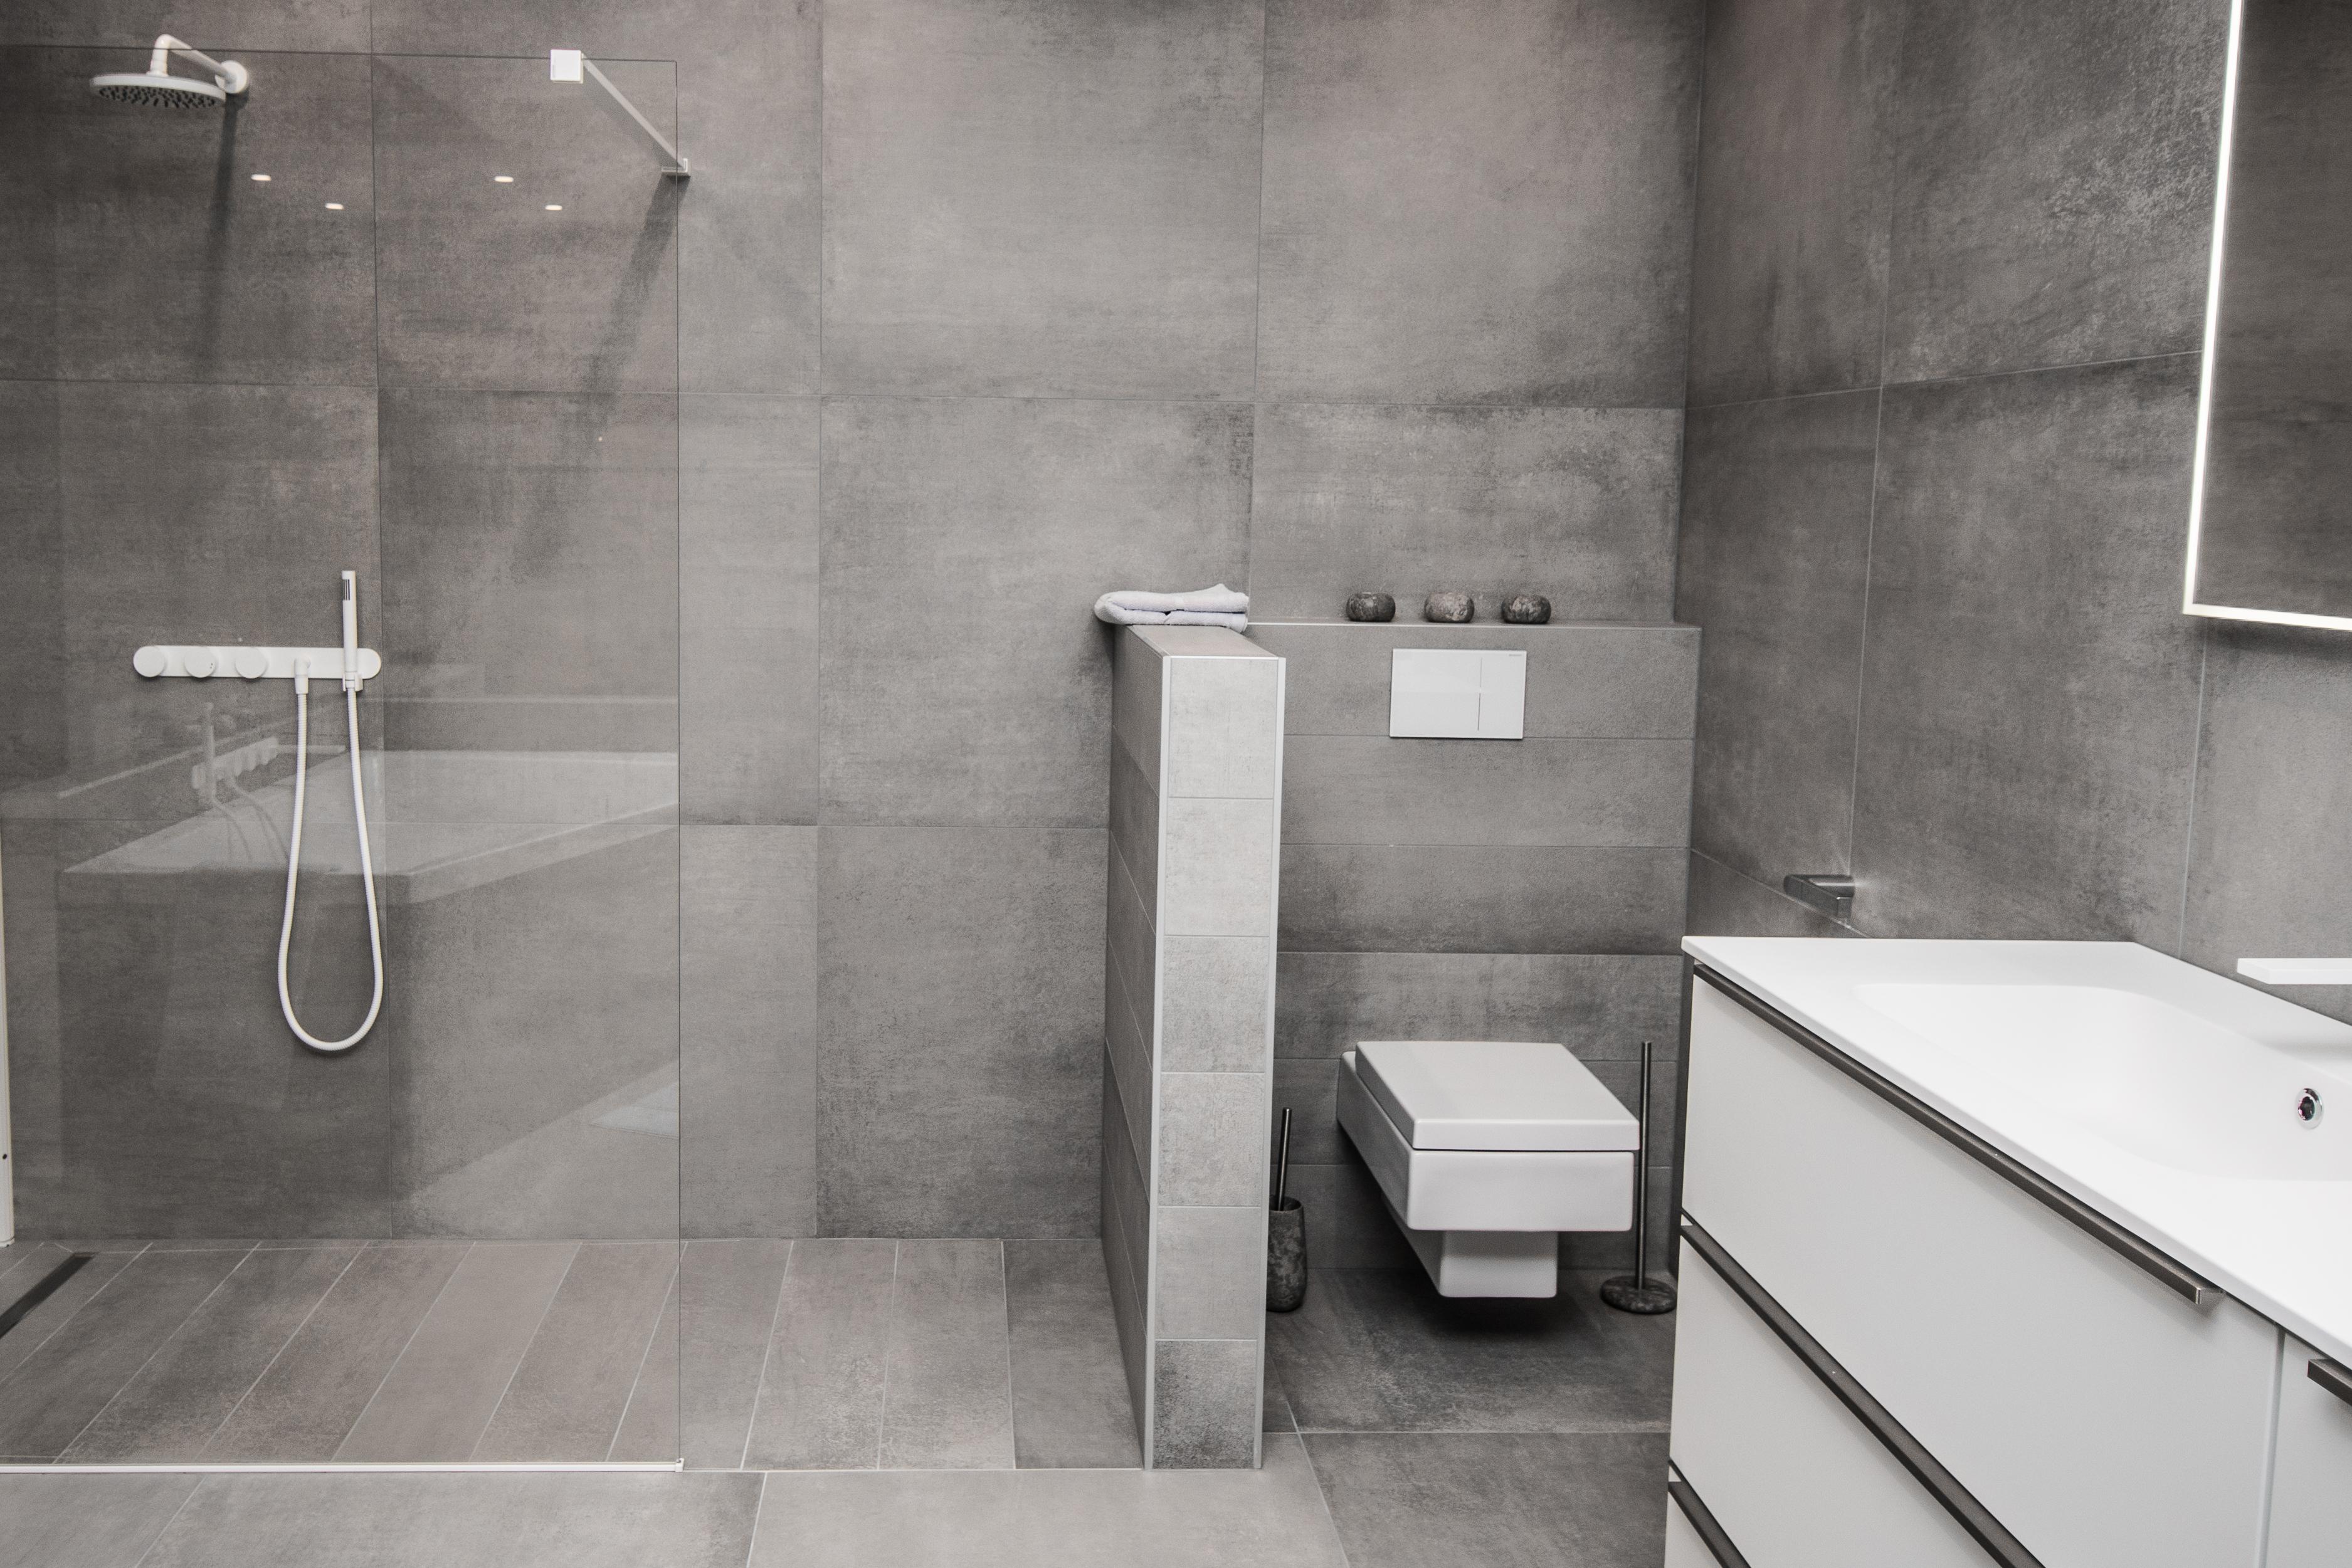 Alles Wat Je Moet Weten Over De Prijs Van Je Nieuwe Badkamer